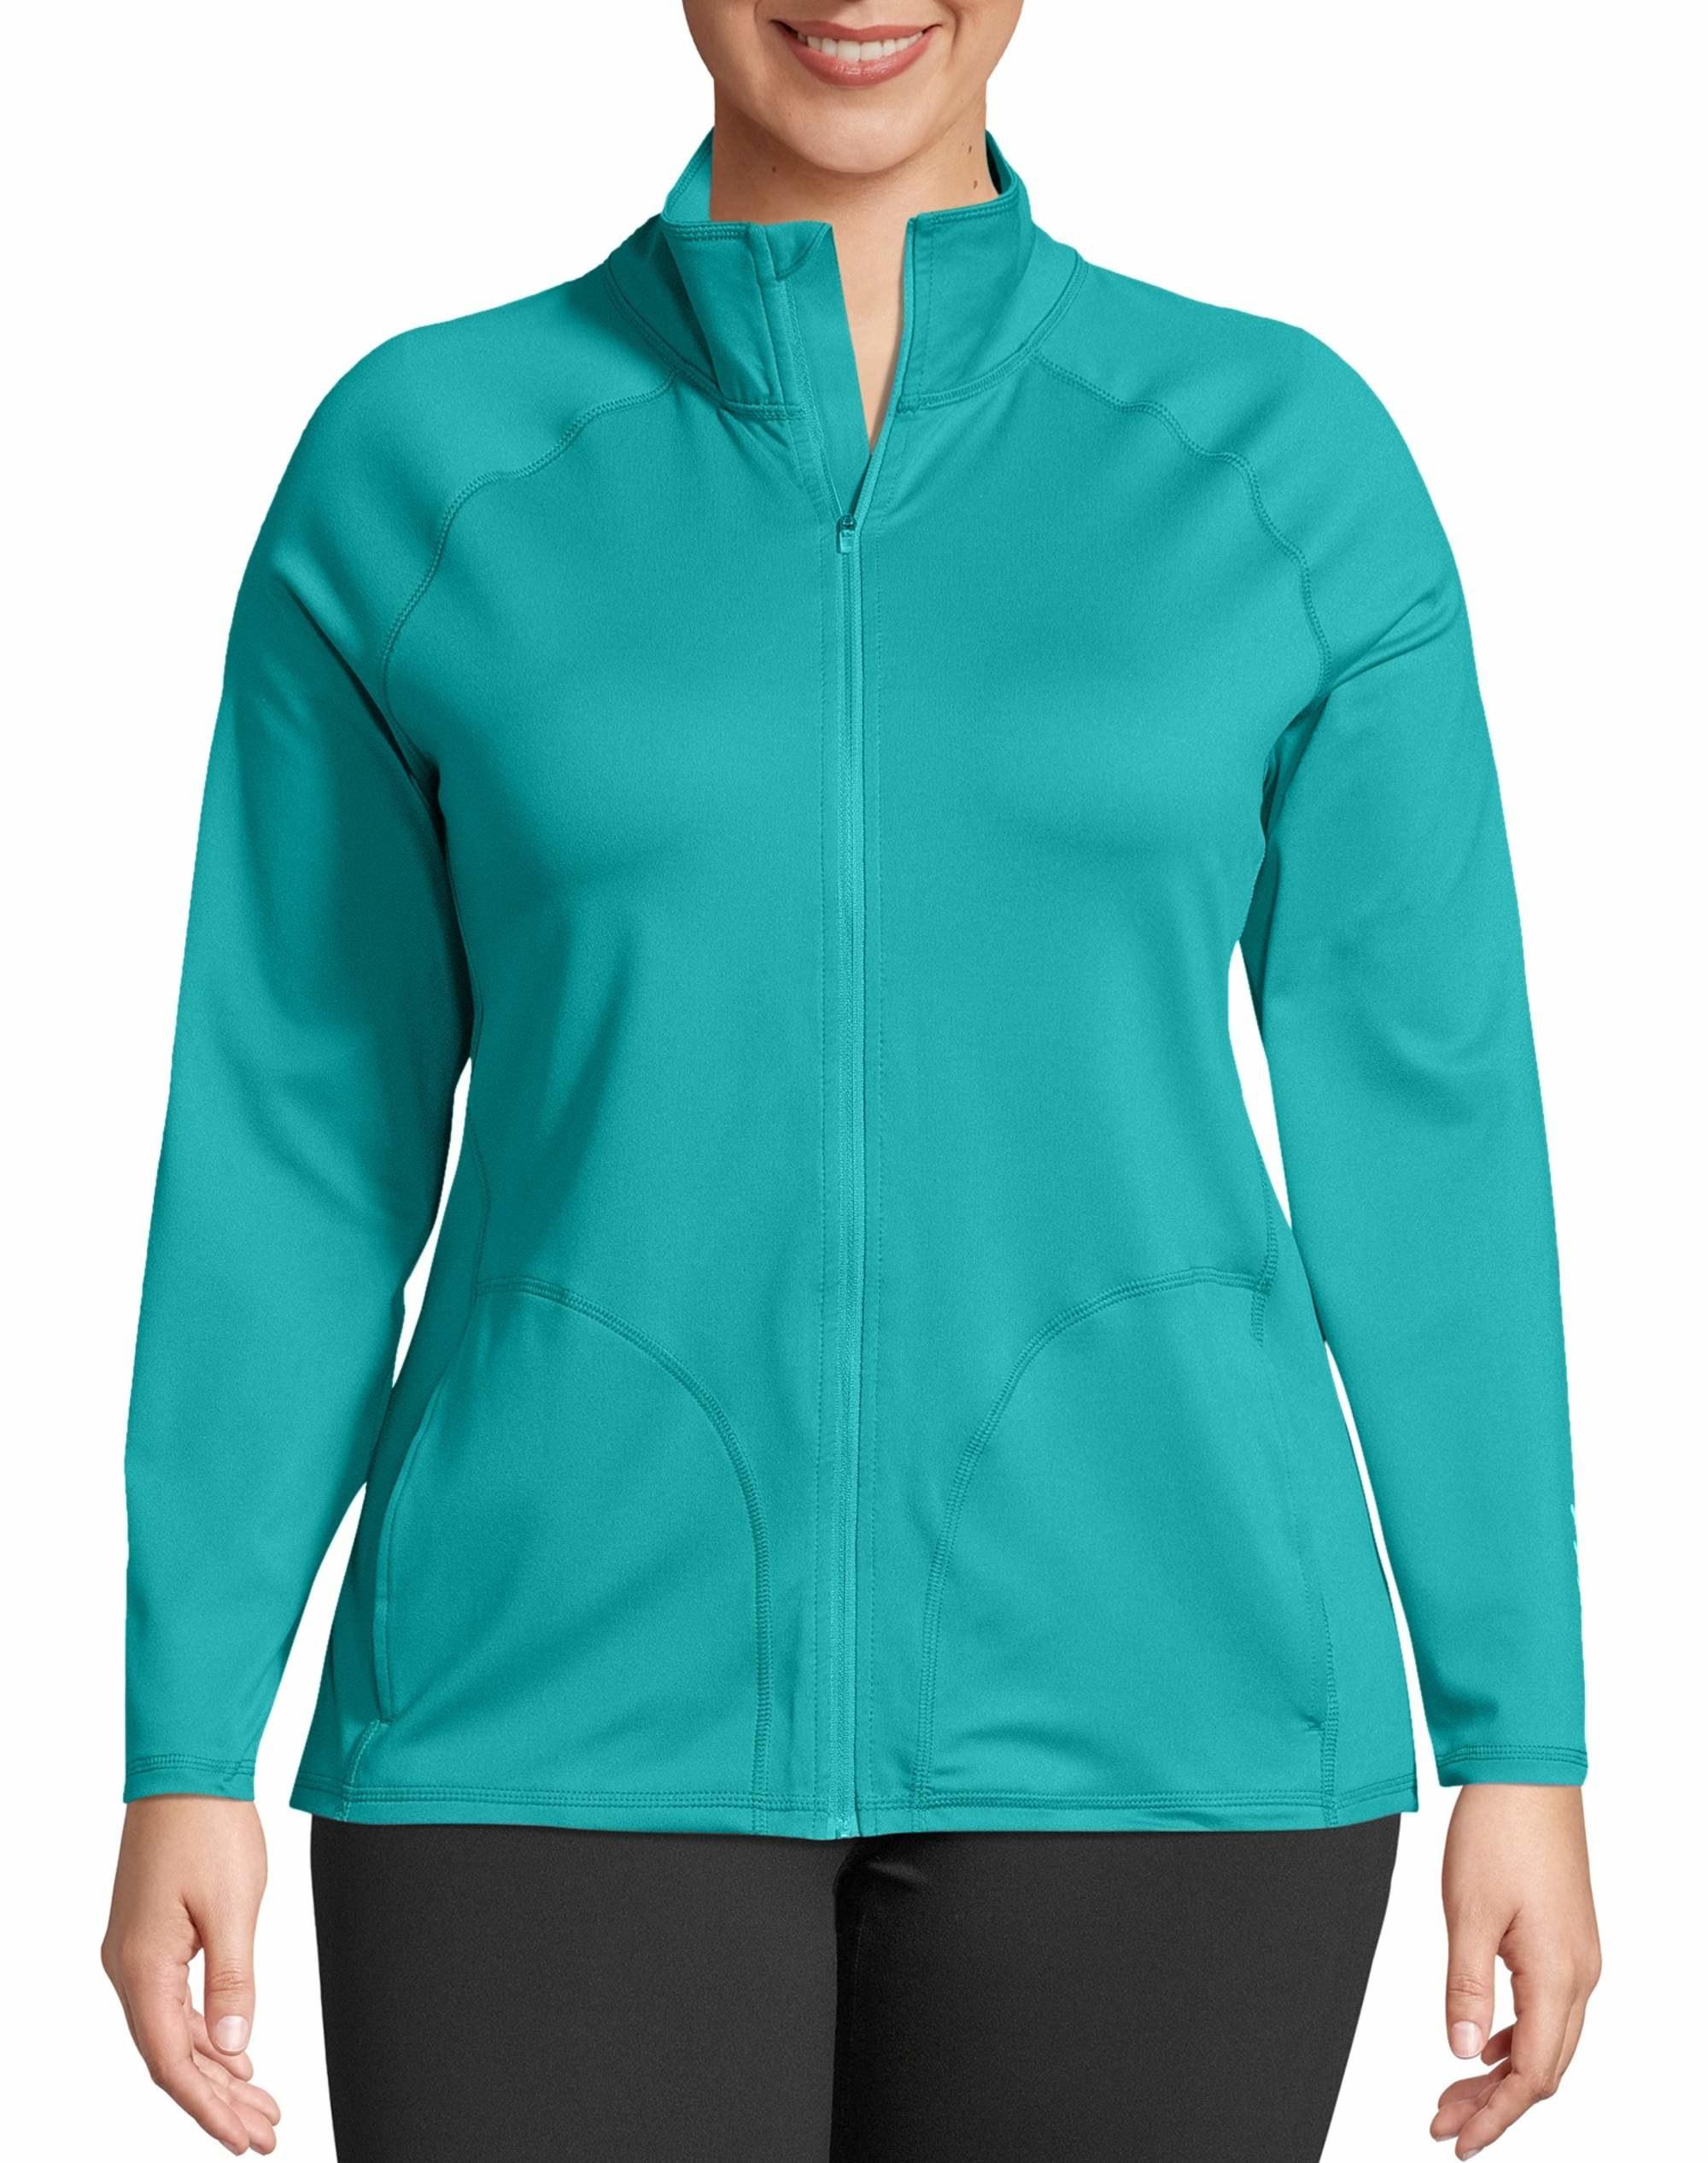 model wearing blue zip-up jacket